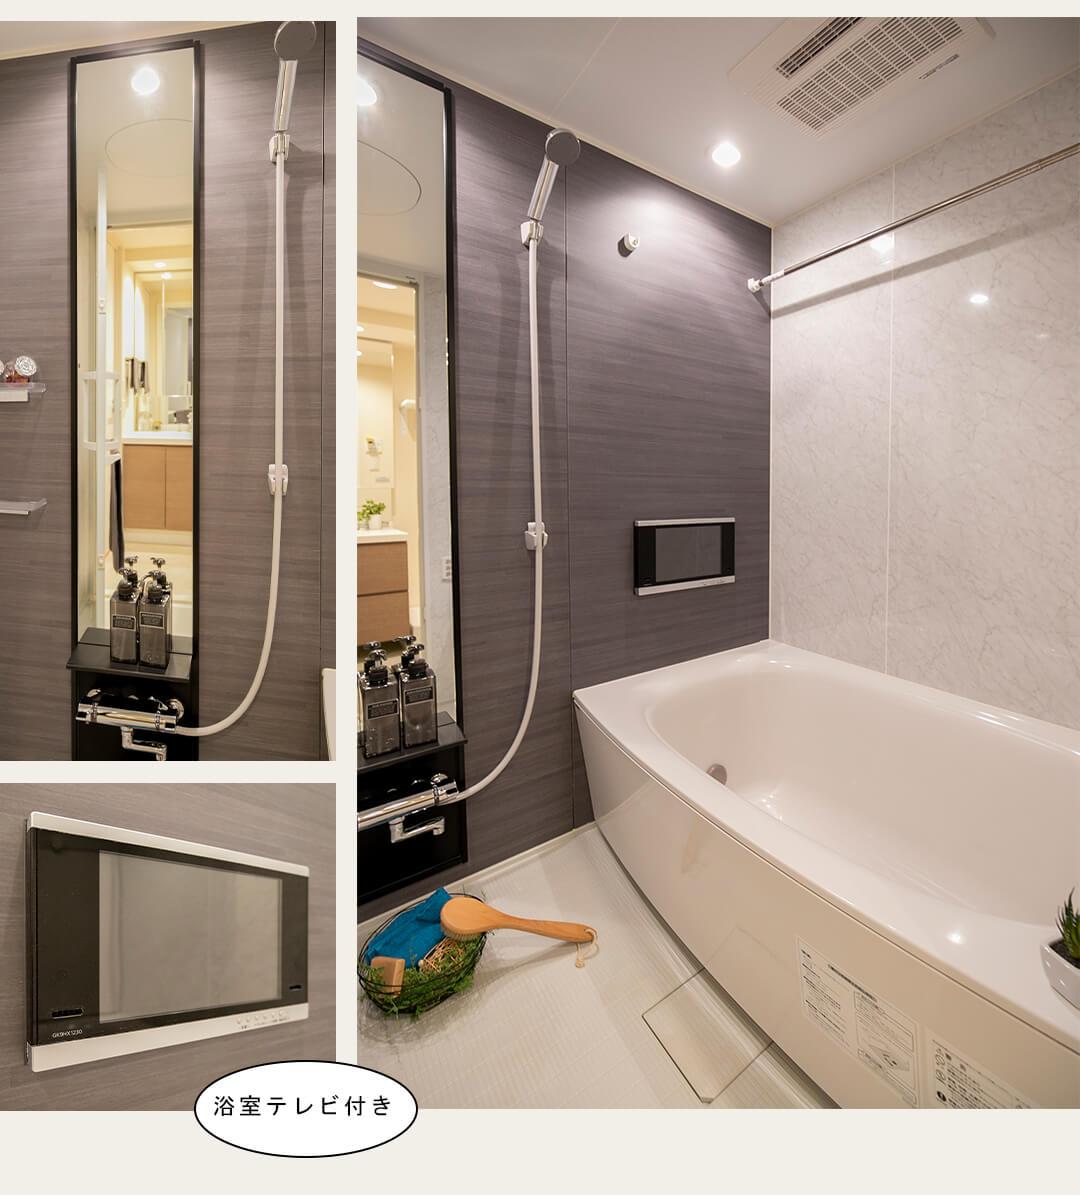 ベルドゥムール文京小石川の浴室